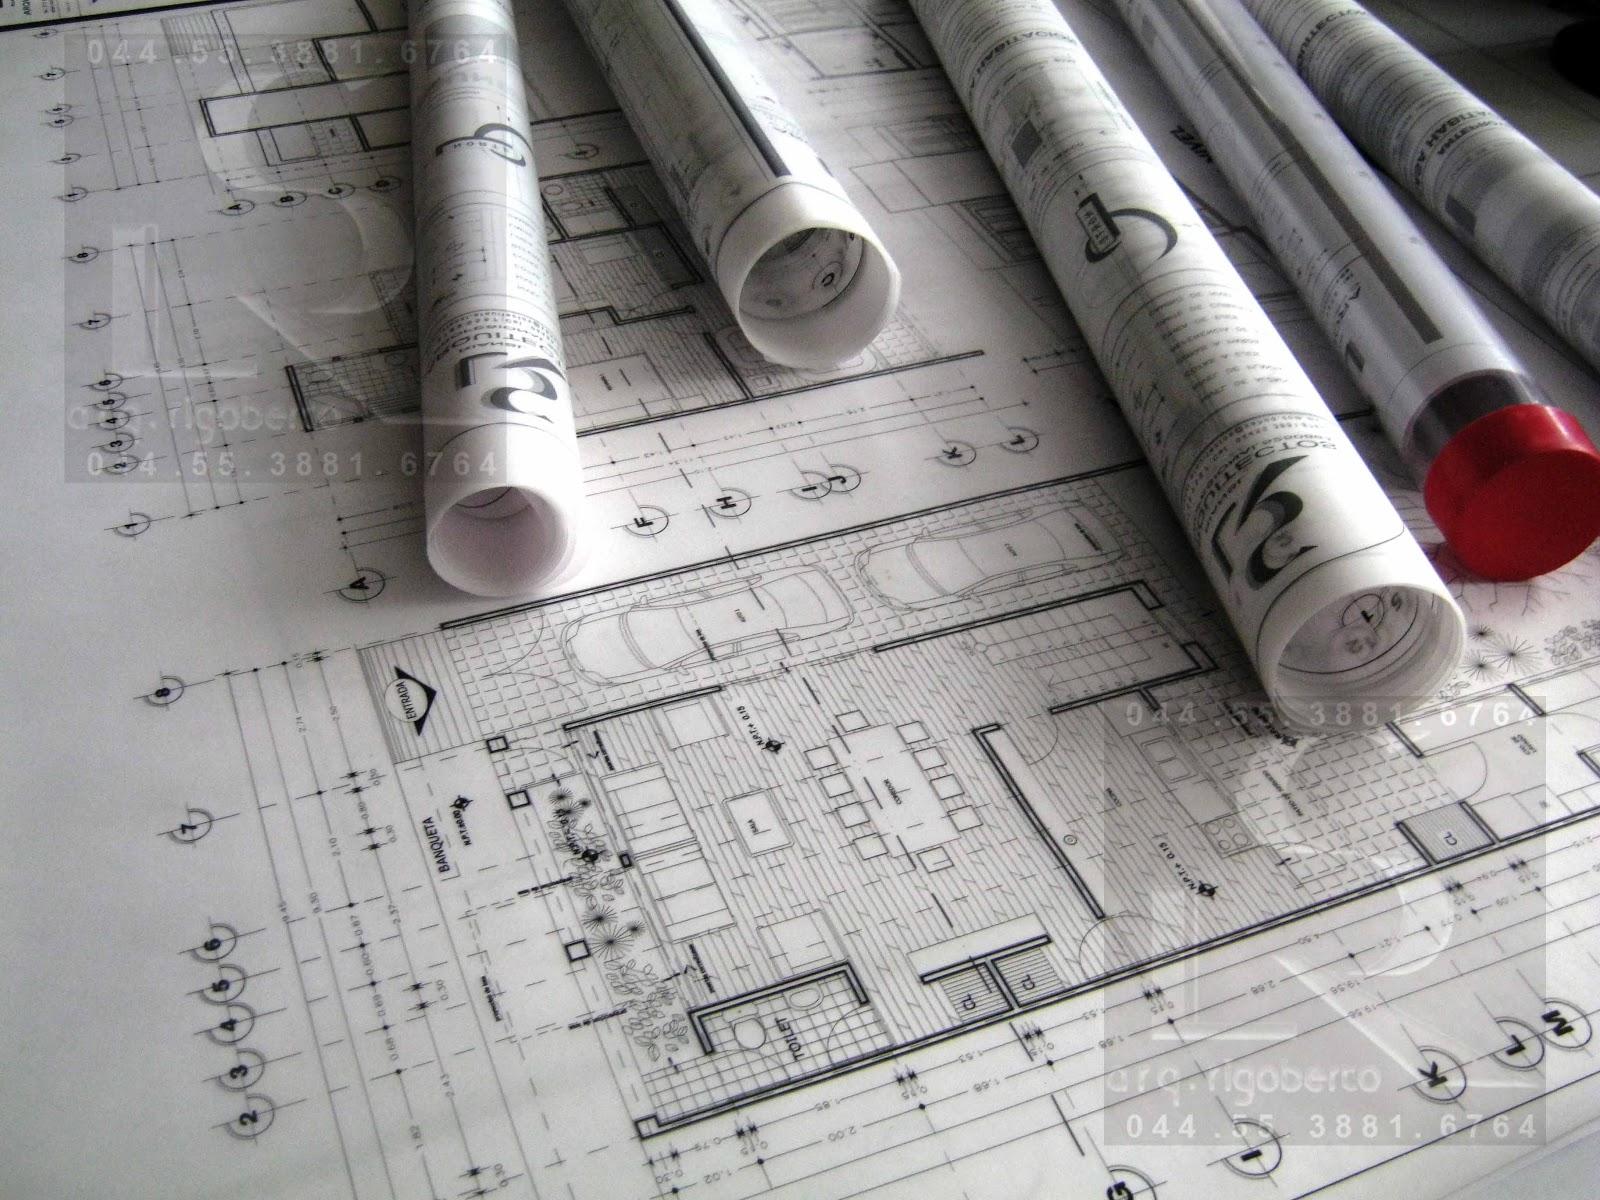 Dise o arquitect nico en 3d proyectos arquitect nicos en - Planos de arquitectos ...